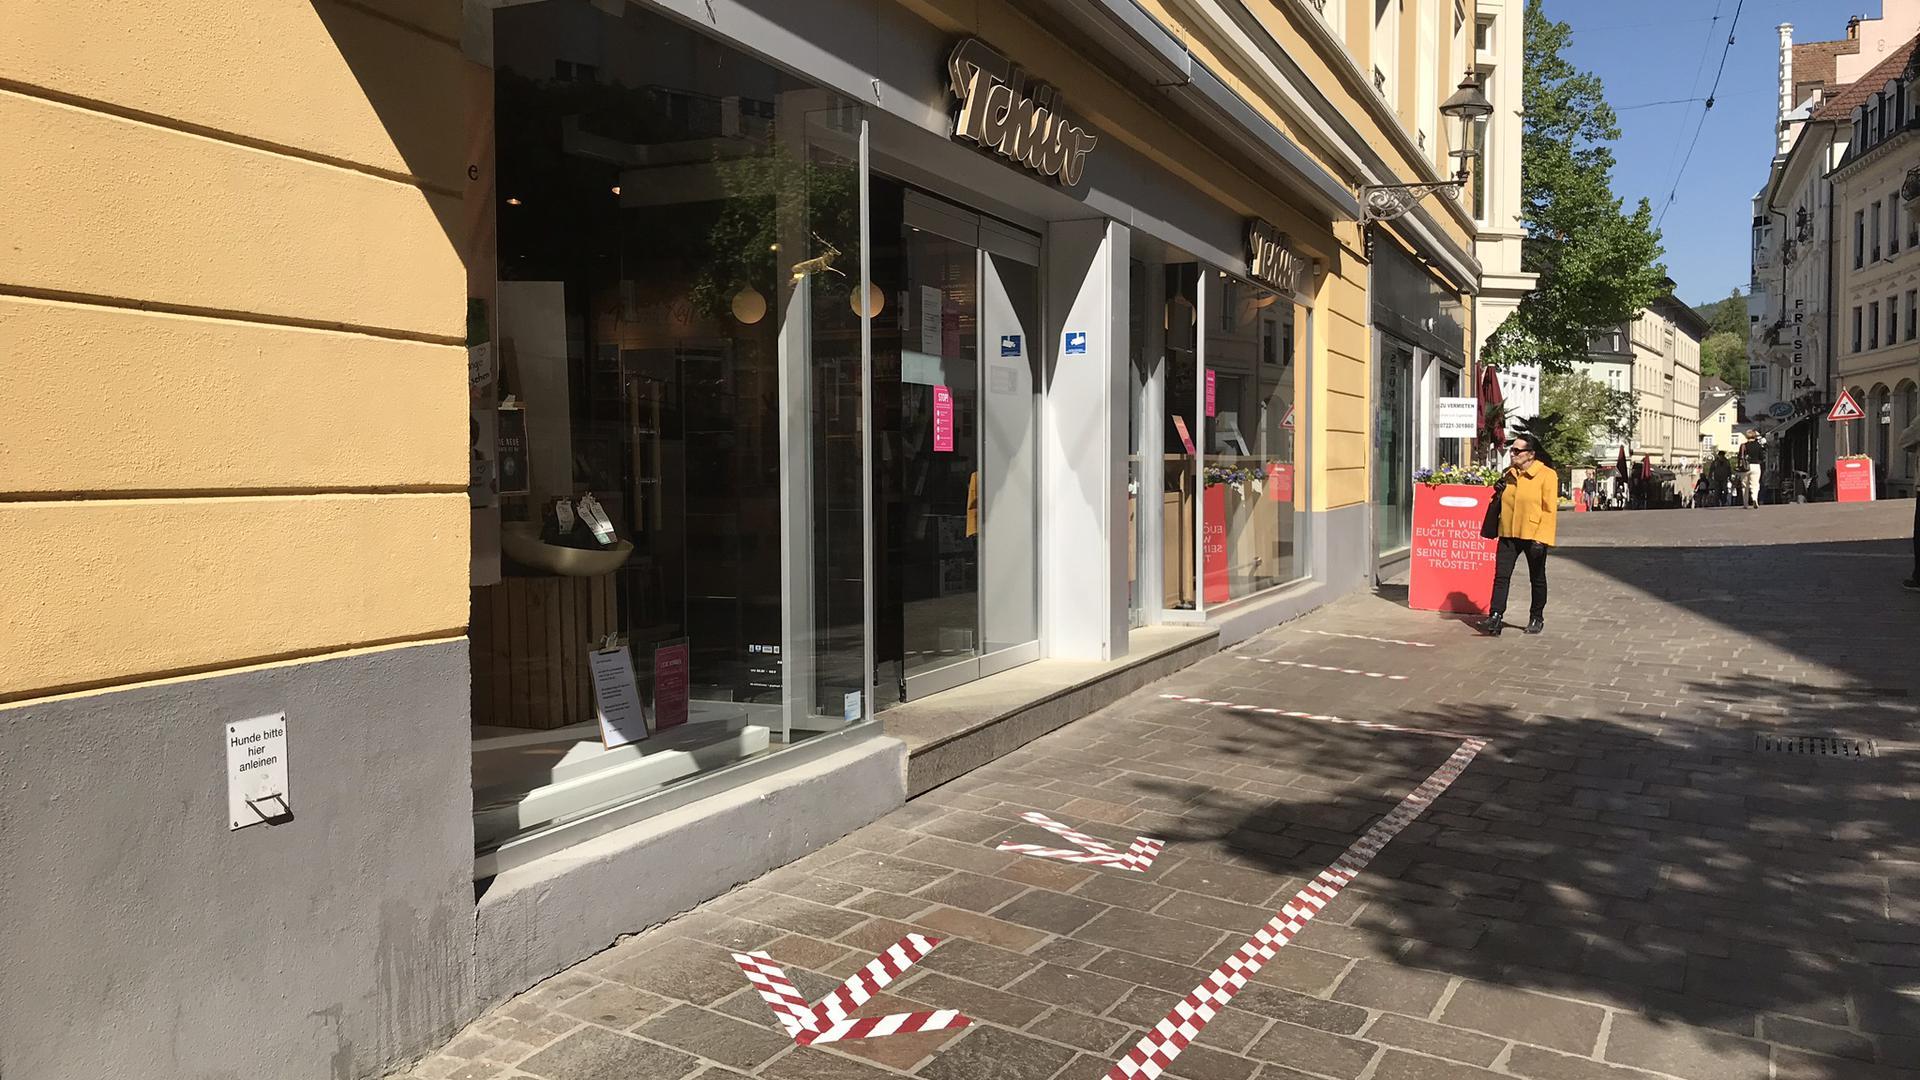 Markierungen auf dem Boden vor und in den Geschäften der Fußgängerzone sollen den Kunden helfen, die Abstandsregelungen einzuhalten. Andere Geschäfte bieten ihren Kunden außerdem an, ihre Hände vor Betreten der Ladenfläche zu desinfizieren.